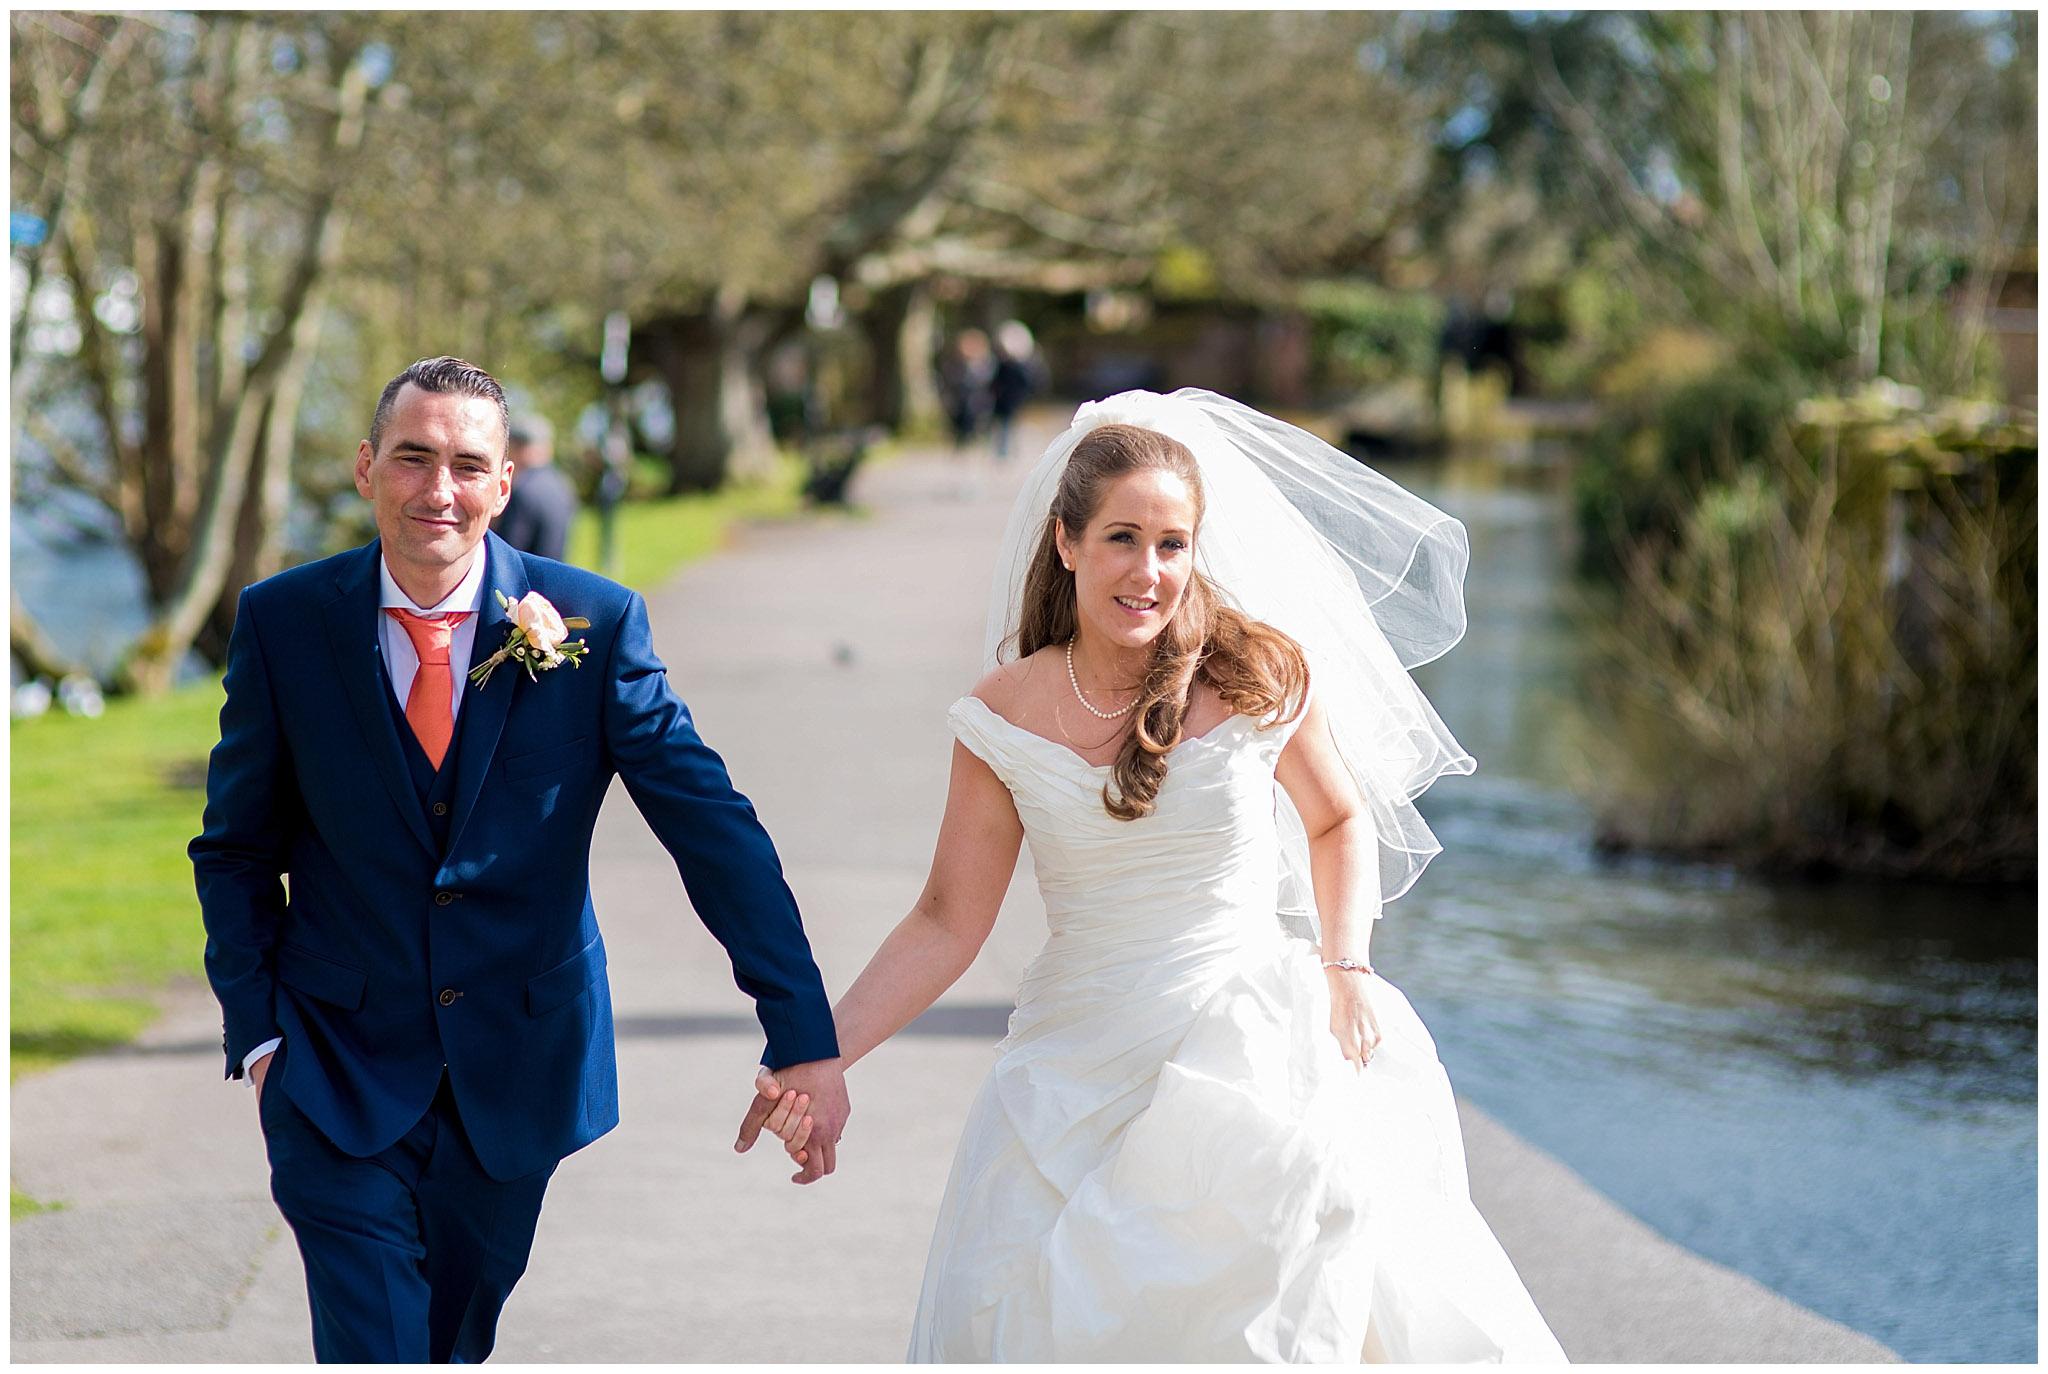 Katie-&-Steve-Victoria-Park-Methodist-Chruch-Winton-&-The-Manor-Burton-Christchurch-Wedding-34